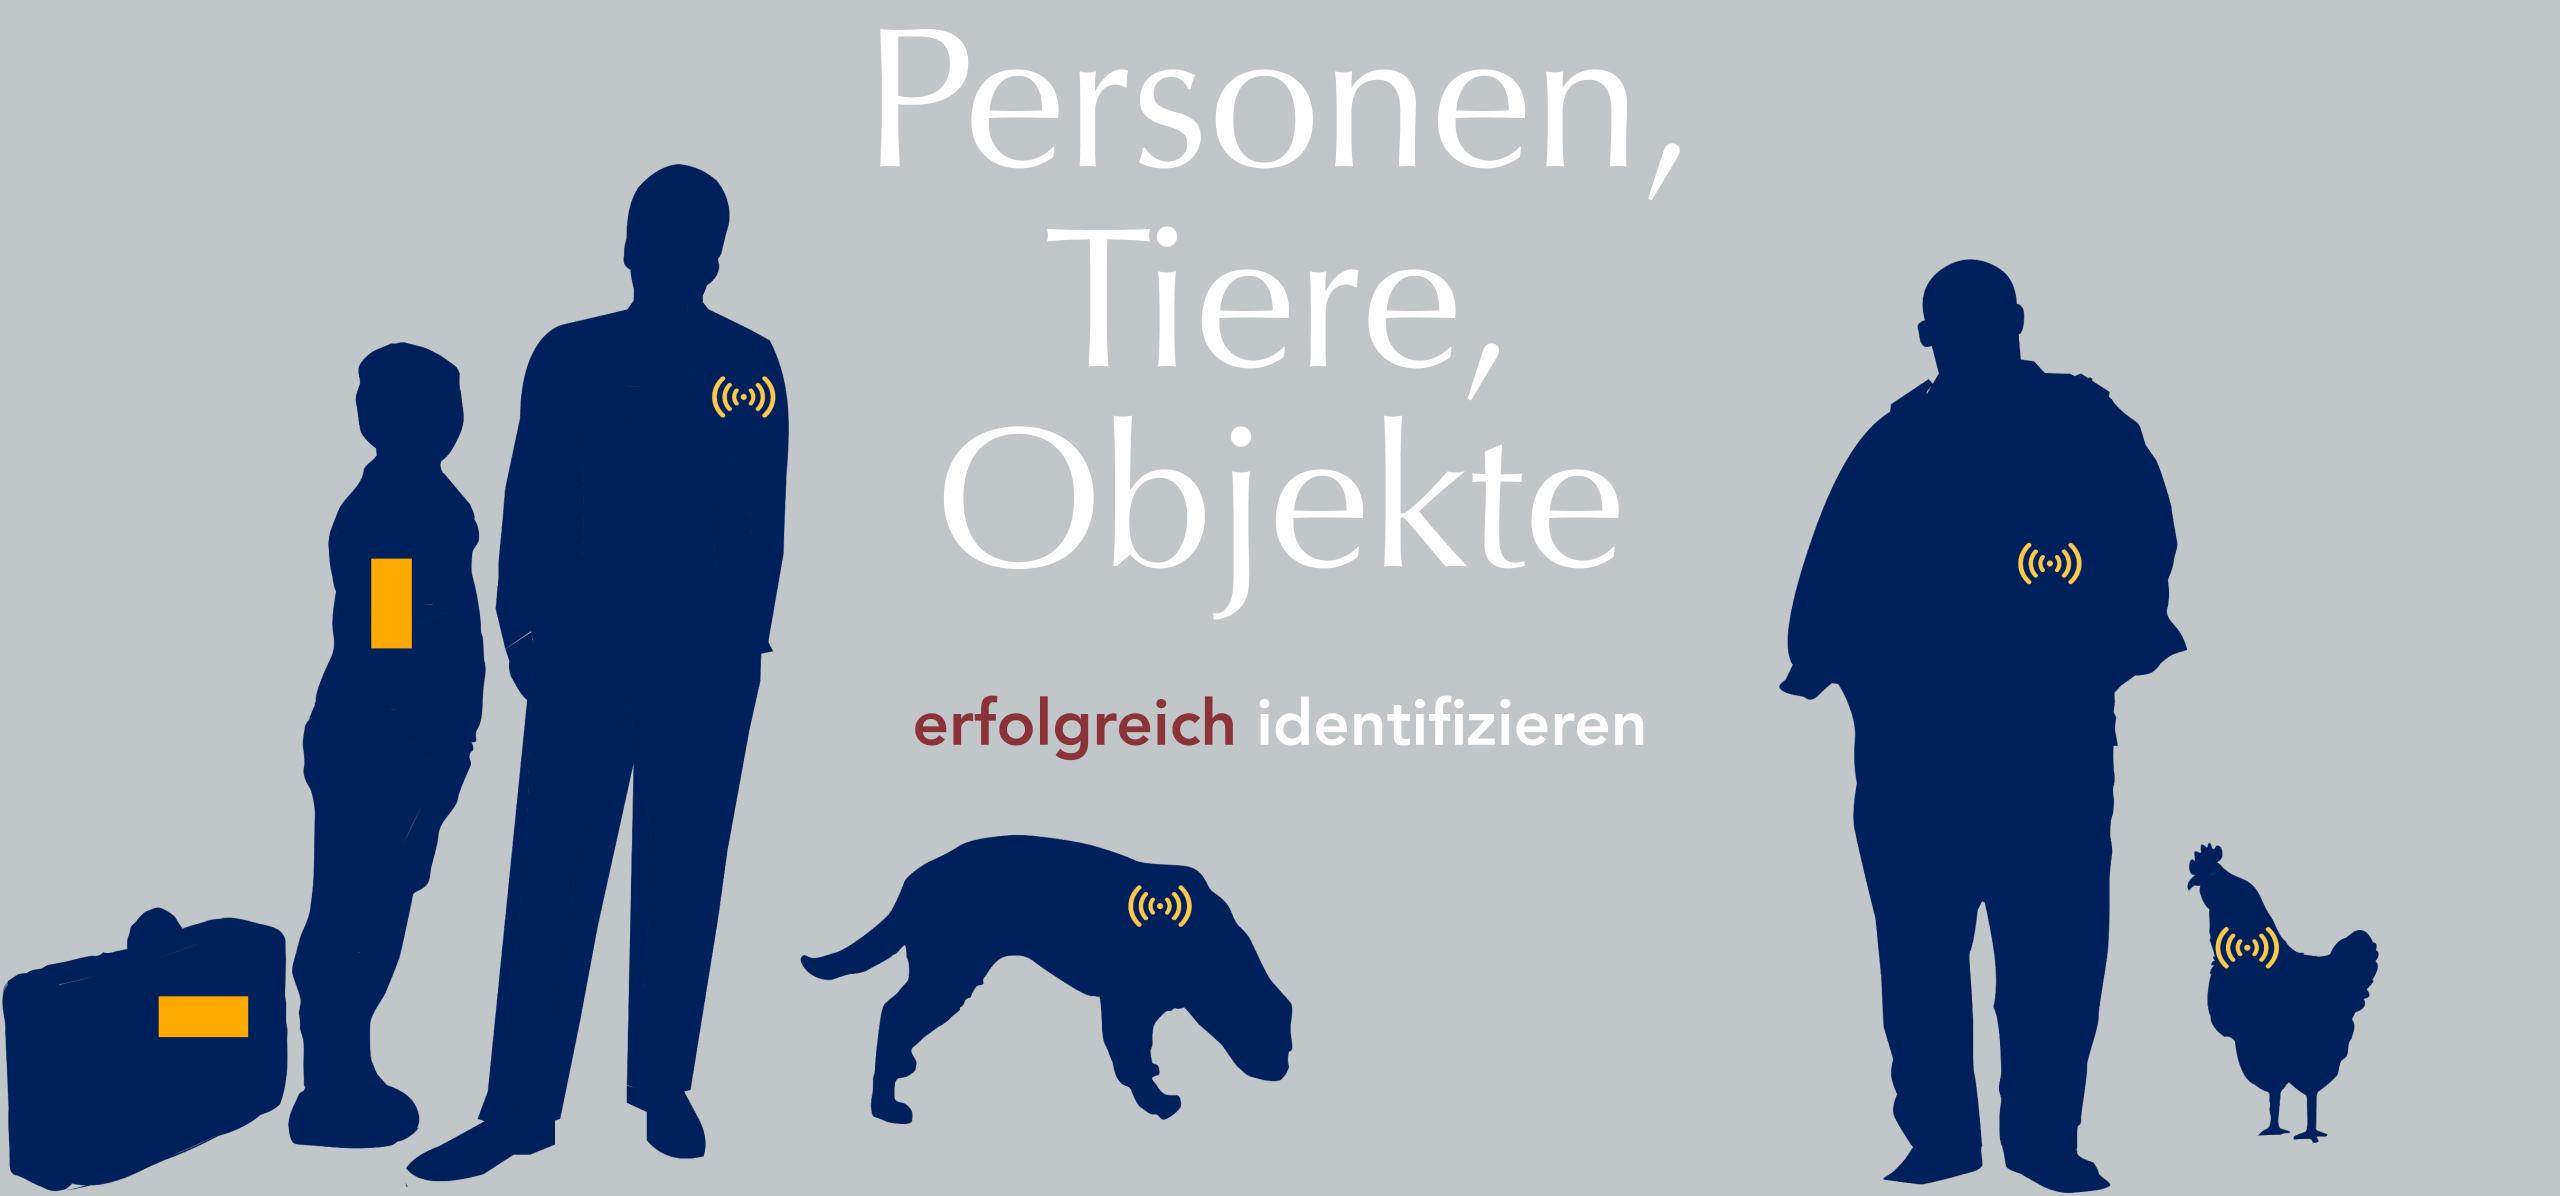 RFID Transponder, Chipkarten, Barcodes um Personen, Tiere, Objekte erfolgreich zu identifizieren